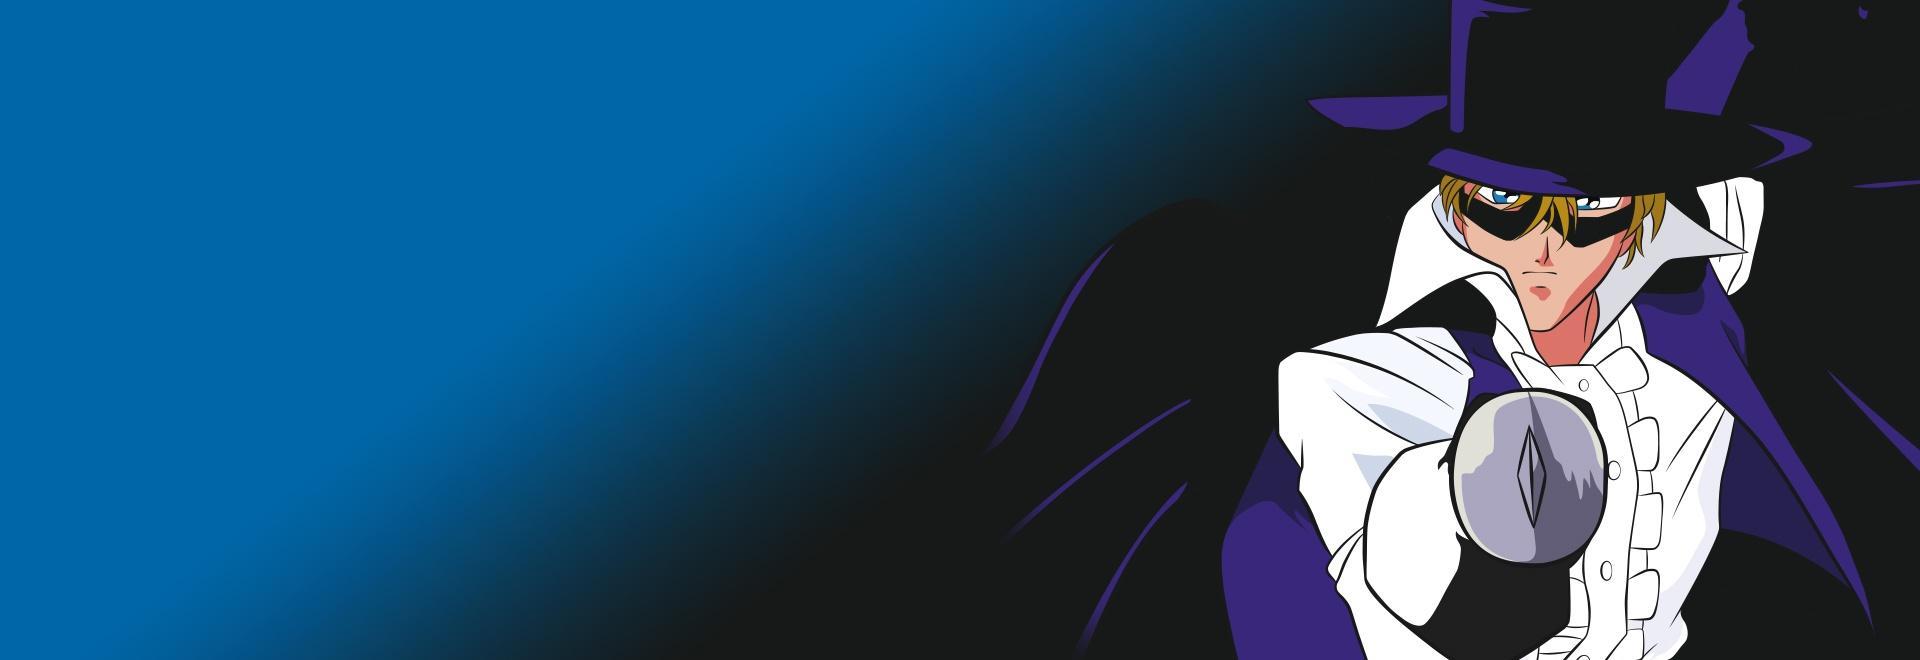 Zorro e' in trappola